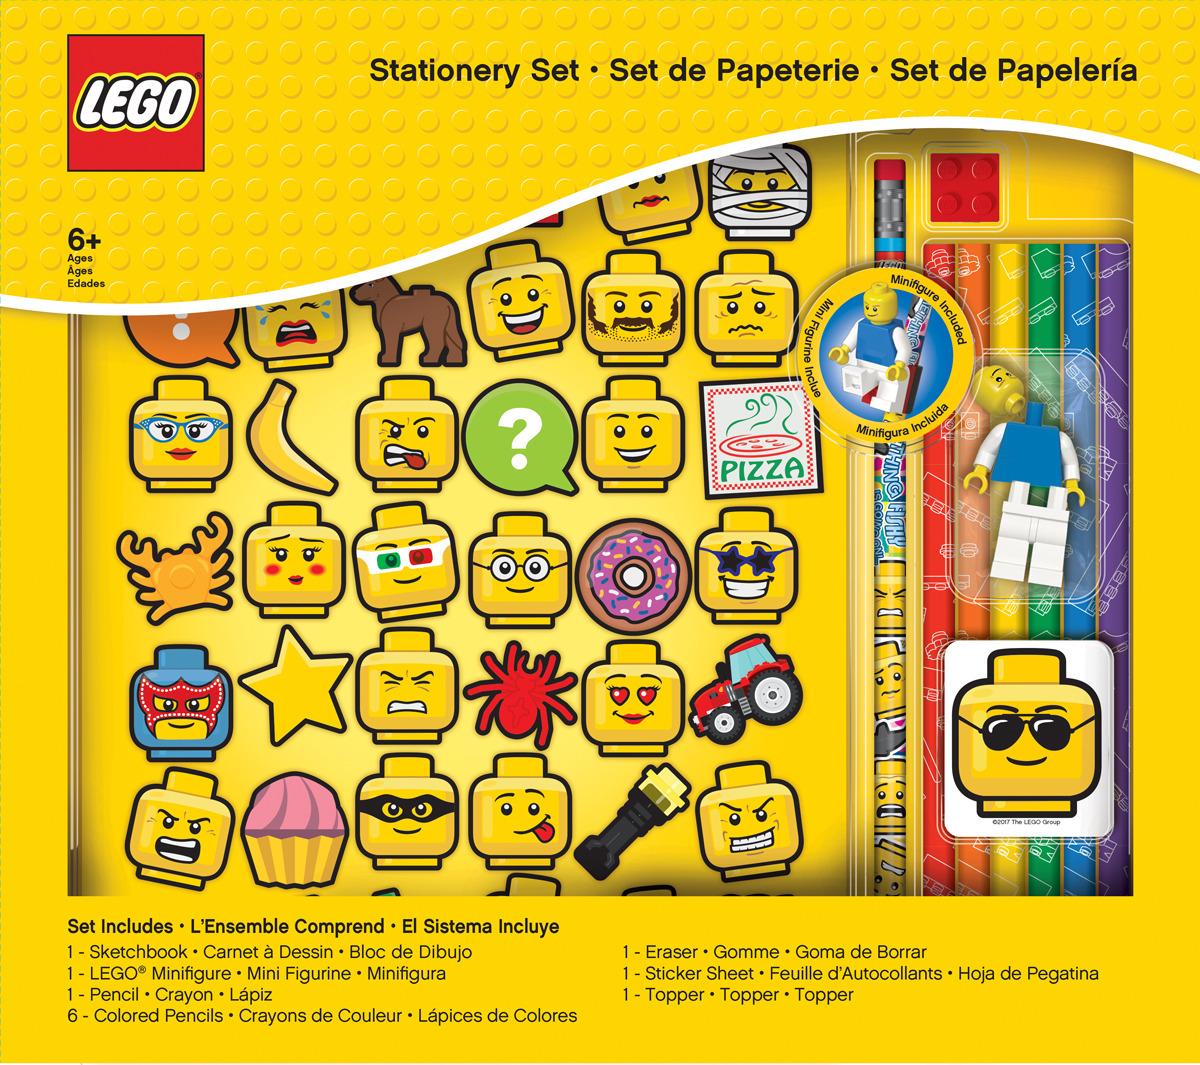 Канцелярский набор LEGO Iconic, 11 предметов канцелярский набор домик цвет салатовый 6 предметов 679326